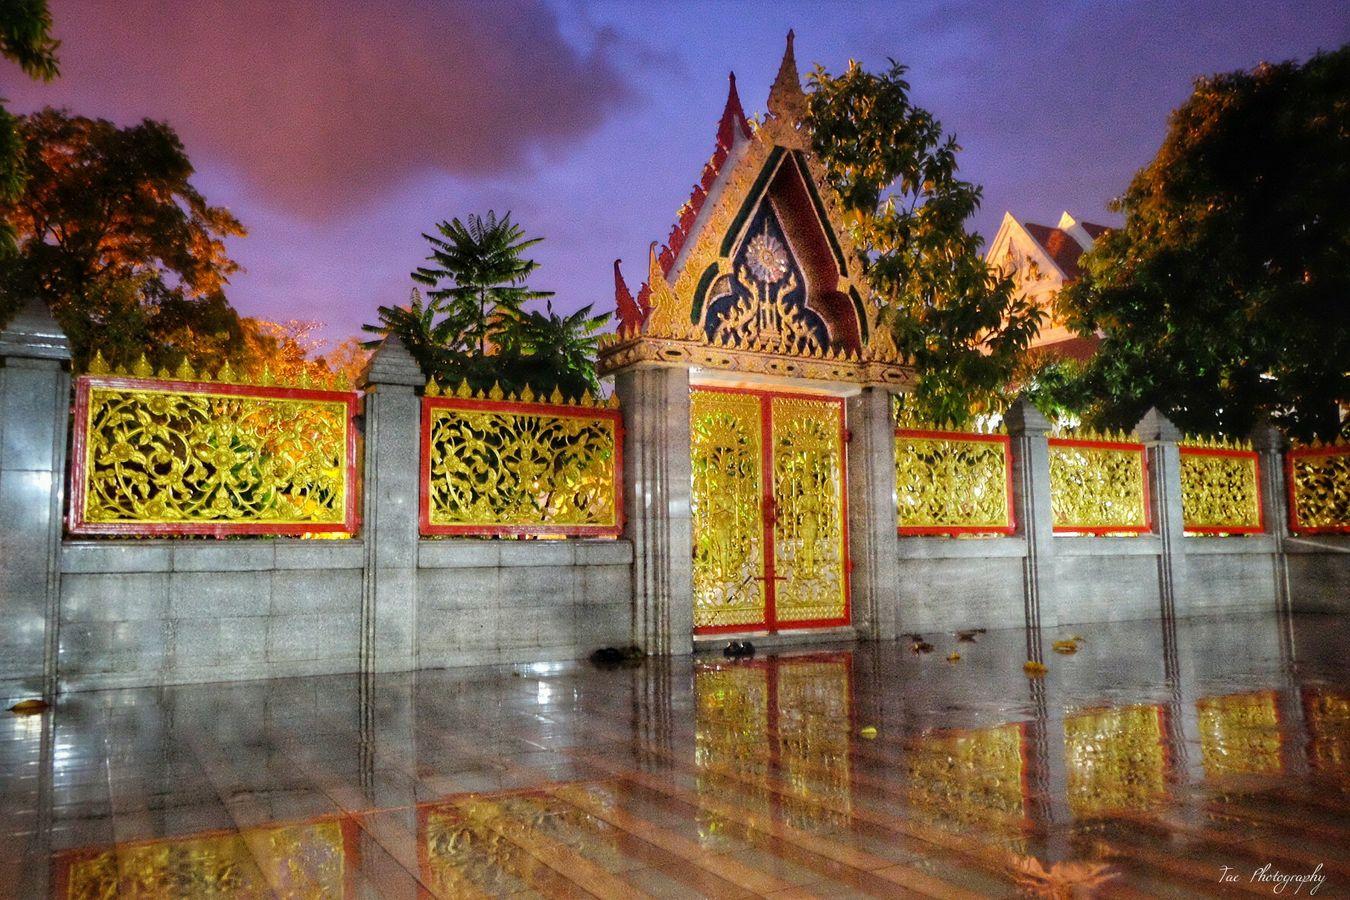 ก ะ จ ะ ส ะ ท้ อ น ก ำ แ พ ง ไ ม่ เ ห็ น 😱 Relaxing Taking Photos Enjoying Life Sky Fujifilm X-m1 EyeEm Best Edits EyeEm Thailand Photography Good Morning Beatiful Thailand